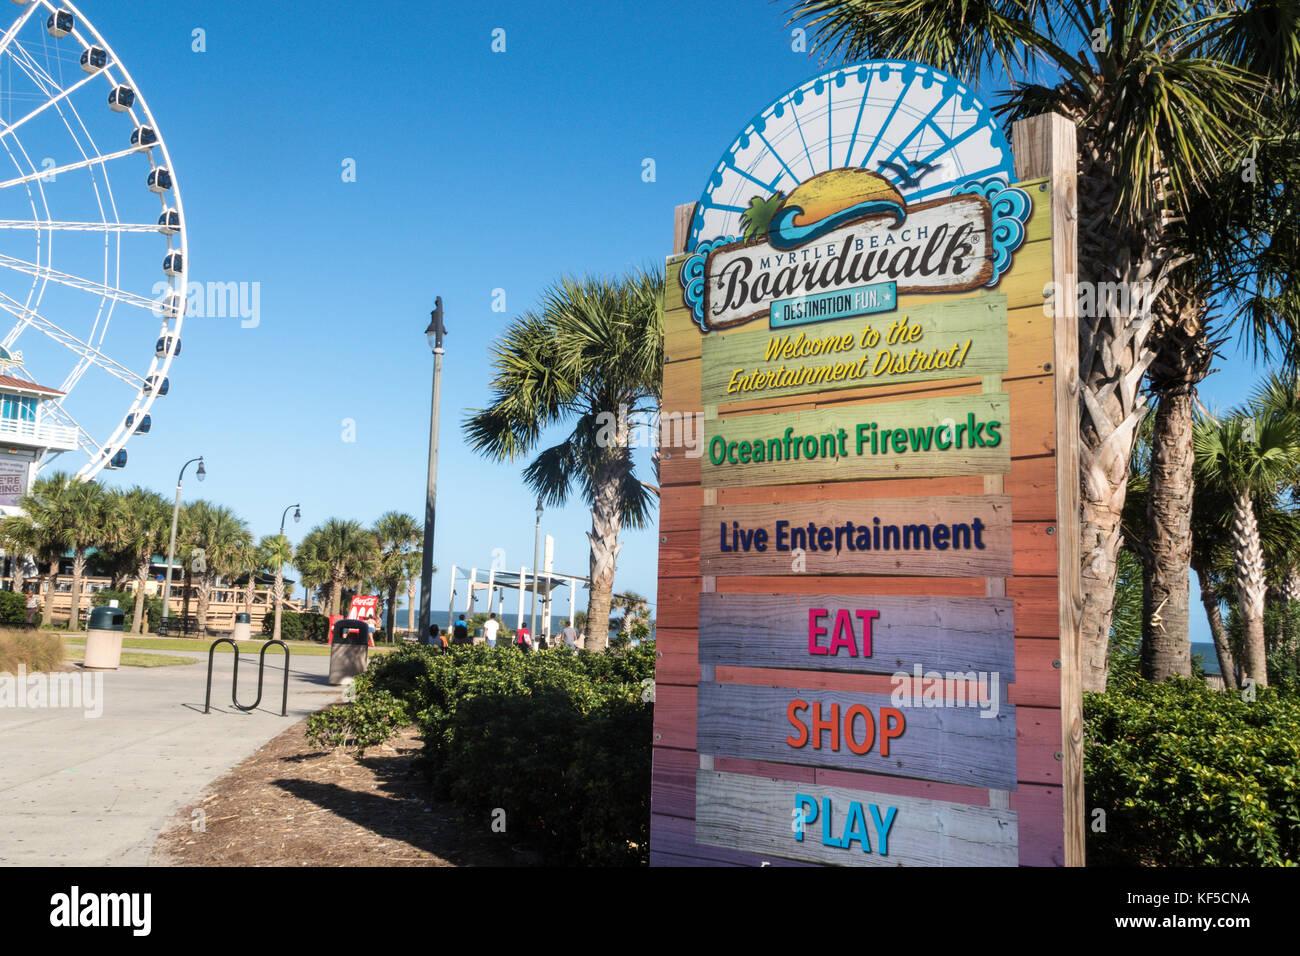 Myrtle Beach Boardwalk Dog Rules